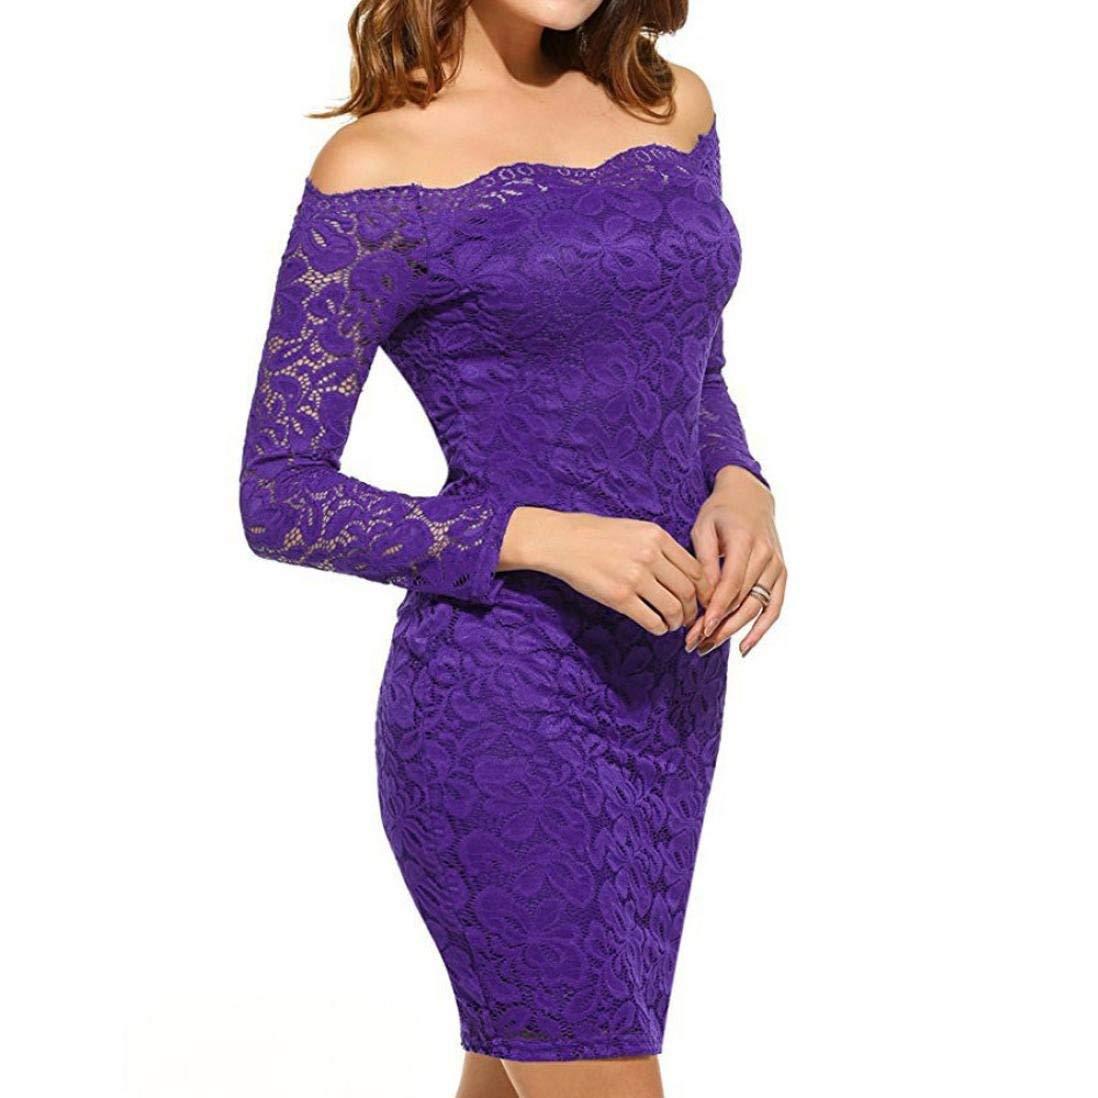 Violet MJY La mode des femmes élégante robe en dentelle, hors épaule hommeches longues Vintage Cocktail Party jupes serrées,Marine,L_UK 12-14 L_UK 12-14